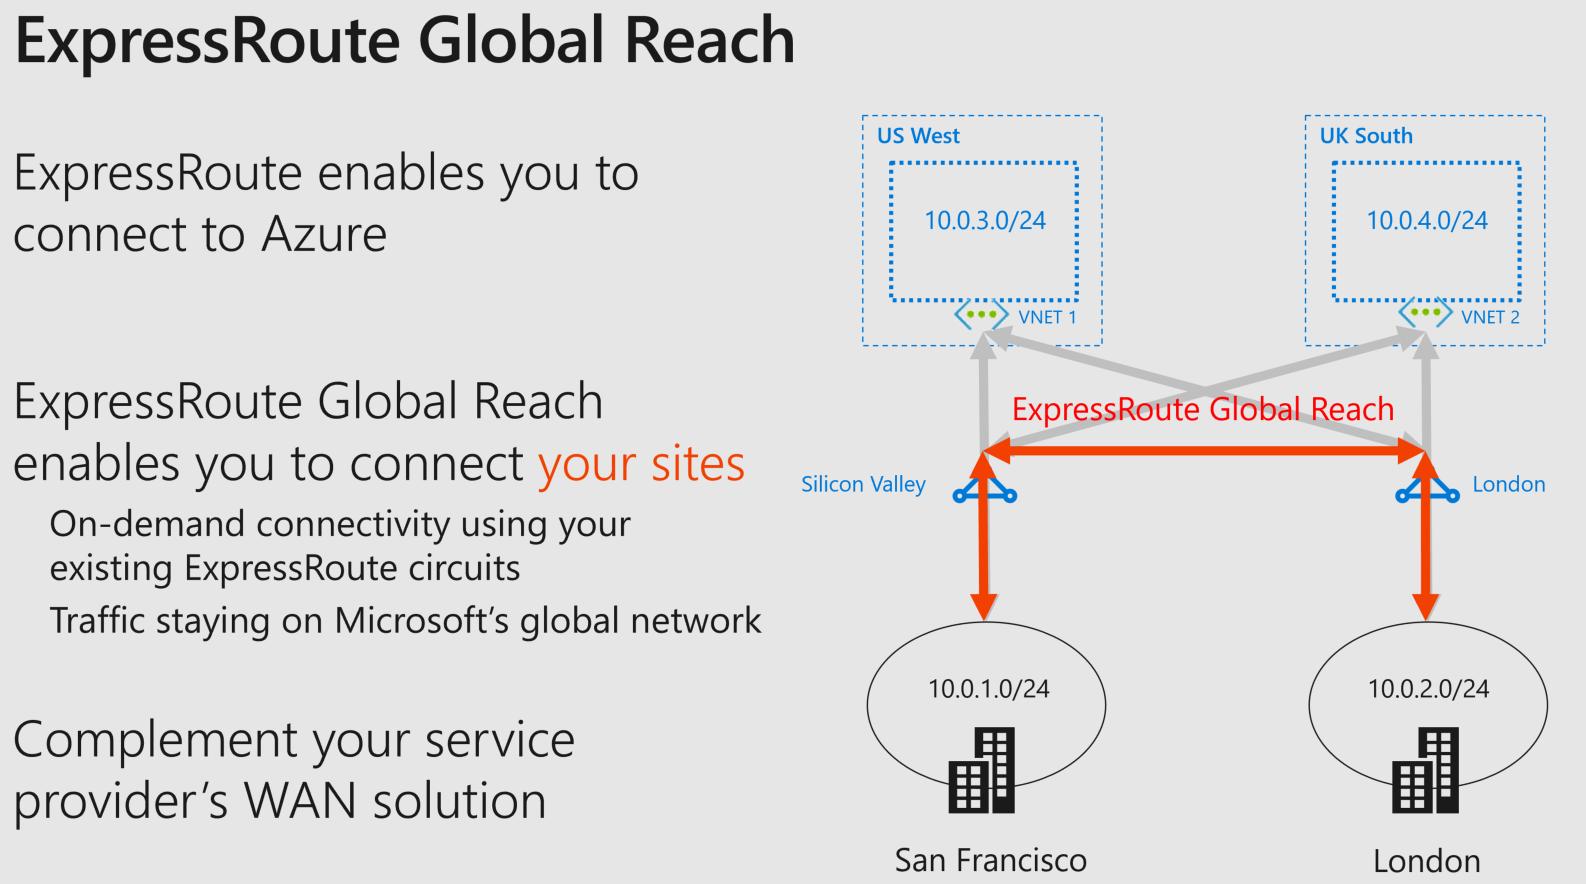 ExpressRouteGlobalReach1